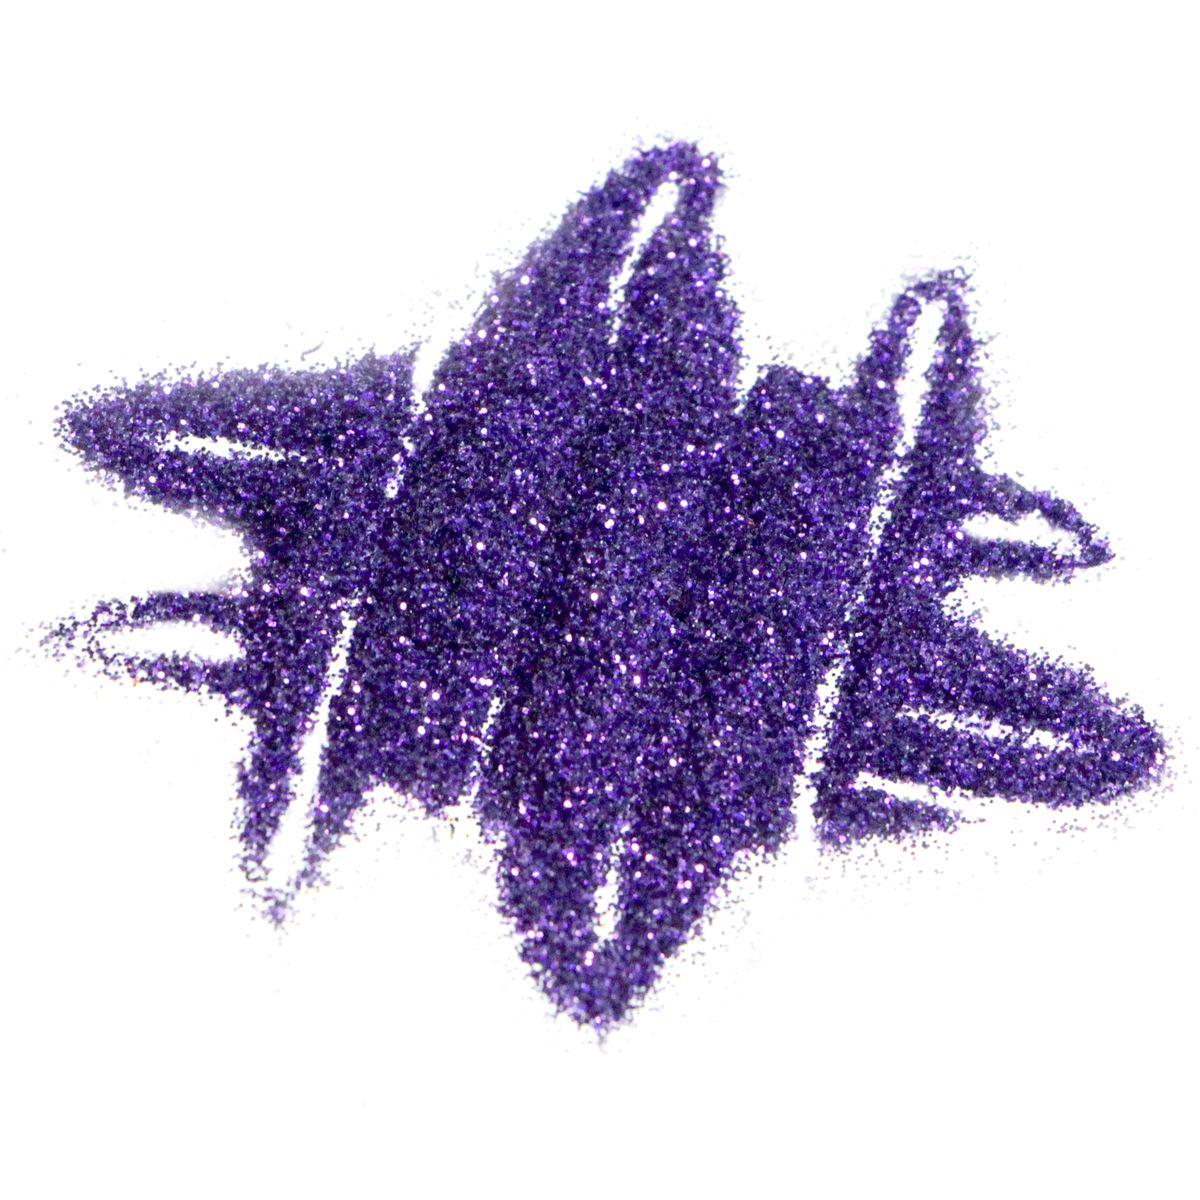 2100-05, Фиолетовый - блестки цветные2100-05Сухие блестки. Используются в декорировании практически на любых поверхностях для придания мерцания и блеска. Бывают мелкие в виде пудры и фигурные (многоугольники, звездочки, сердечки), одноцветные и голографические. Наносятся на клей для декупажа. Не об